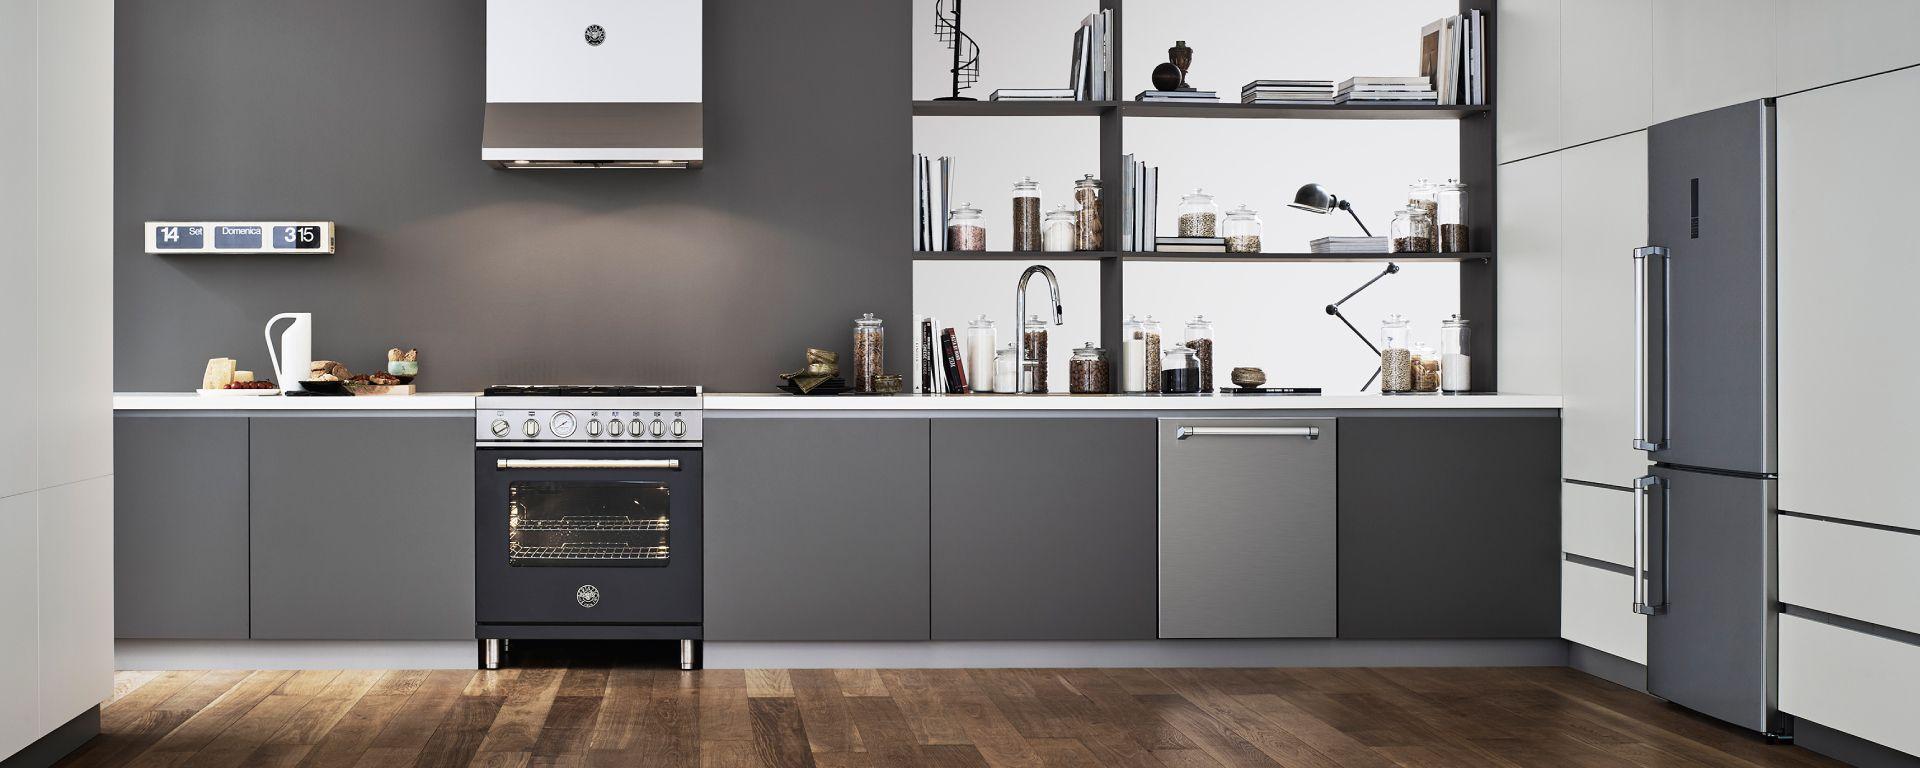 Kitchen Appliances Toronto